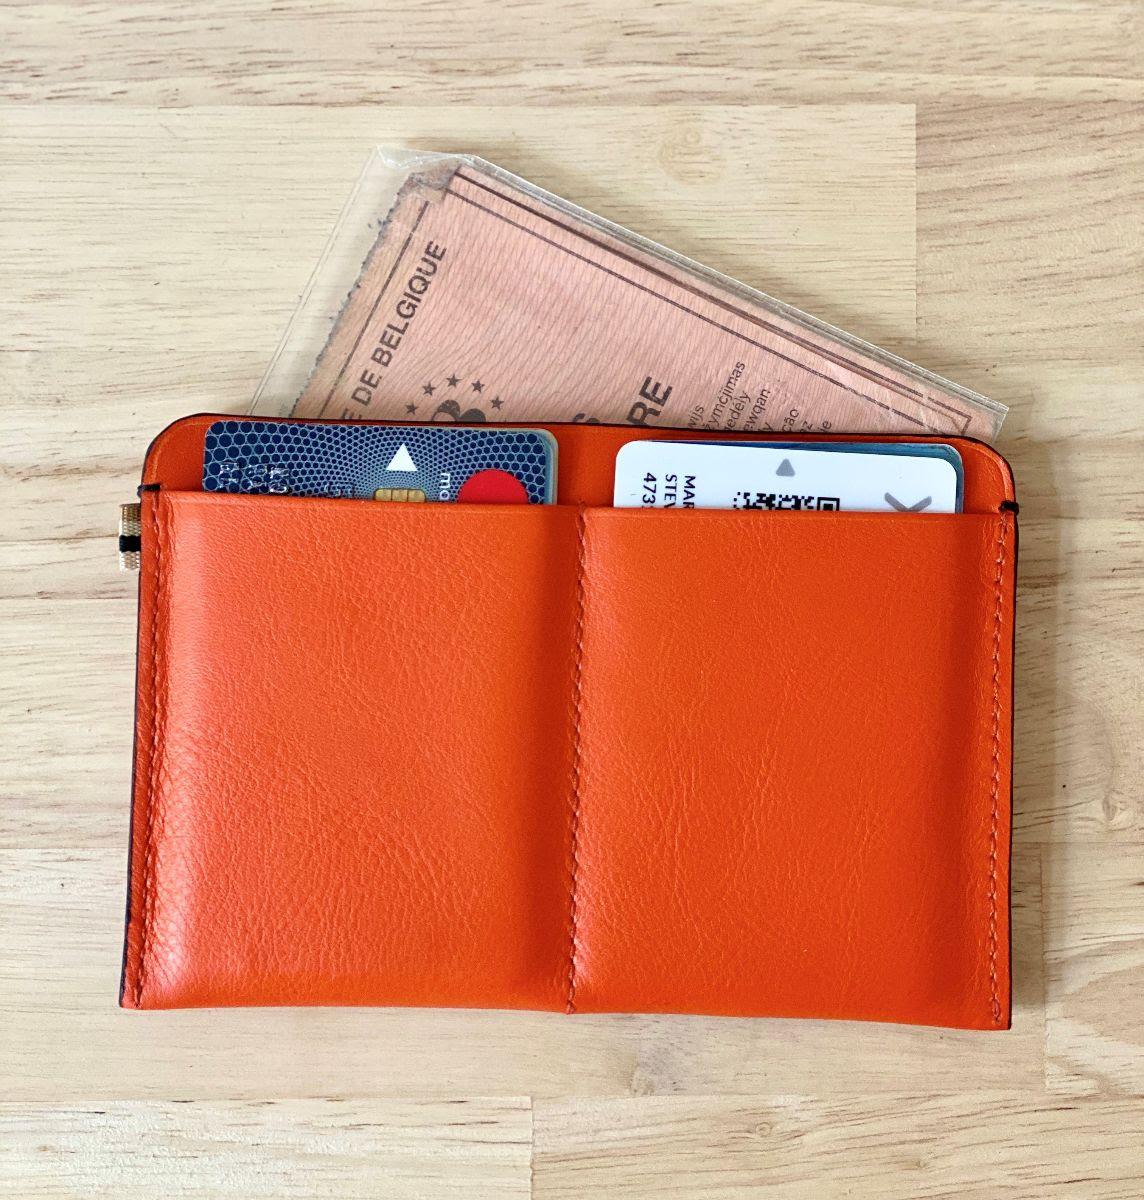 MY CAR - MLS-MarieLaurenceStevigny slim orange leather wallet